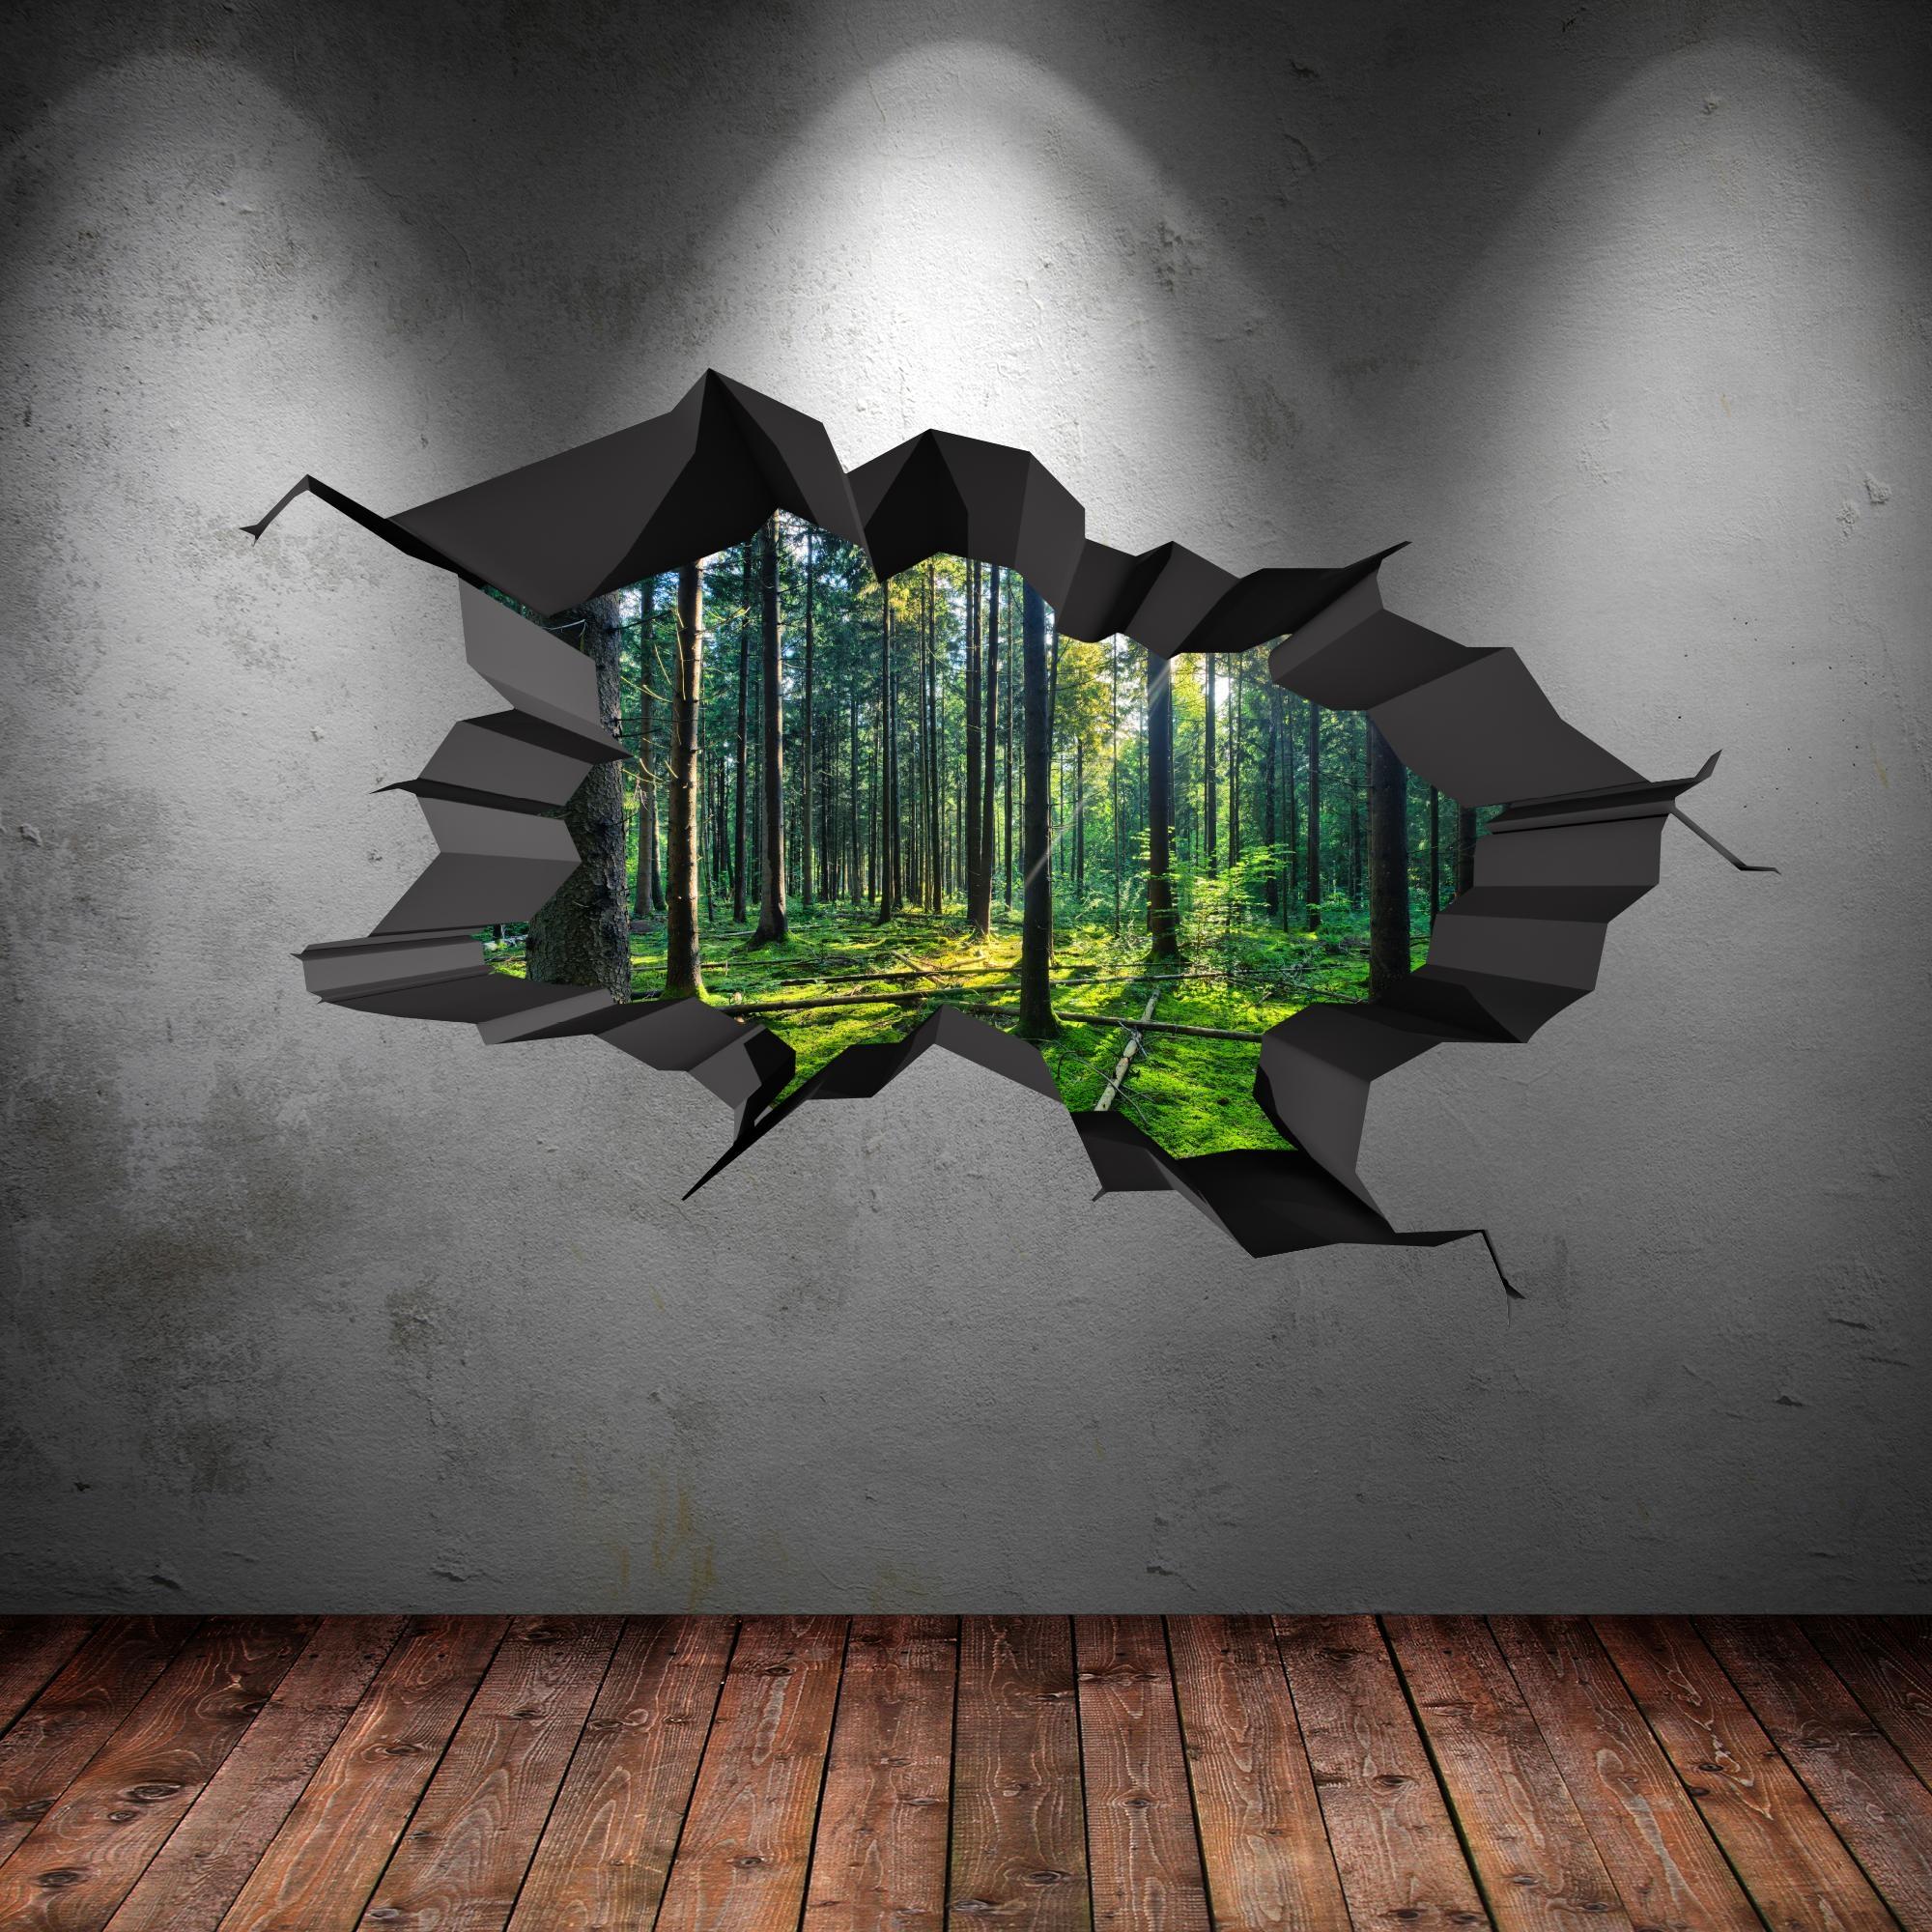 3D Wall Art Stickers | Wallartideas regarding 3D Wall Art